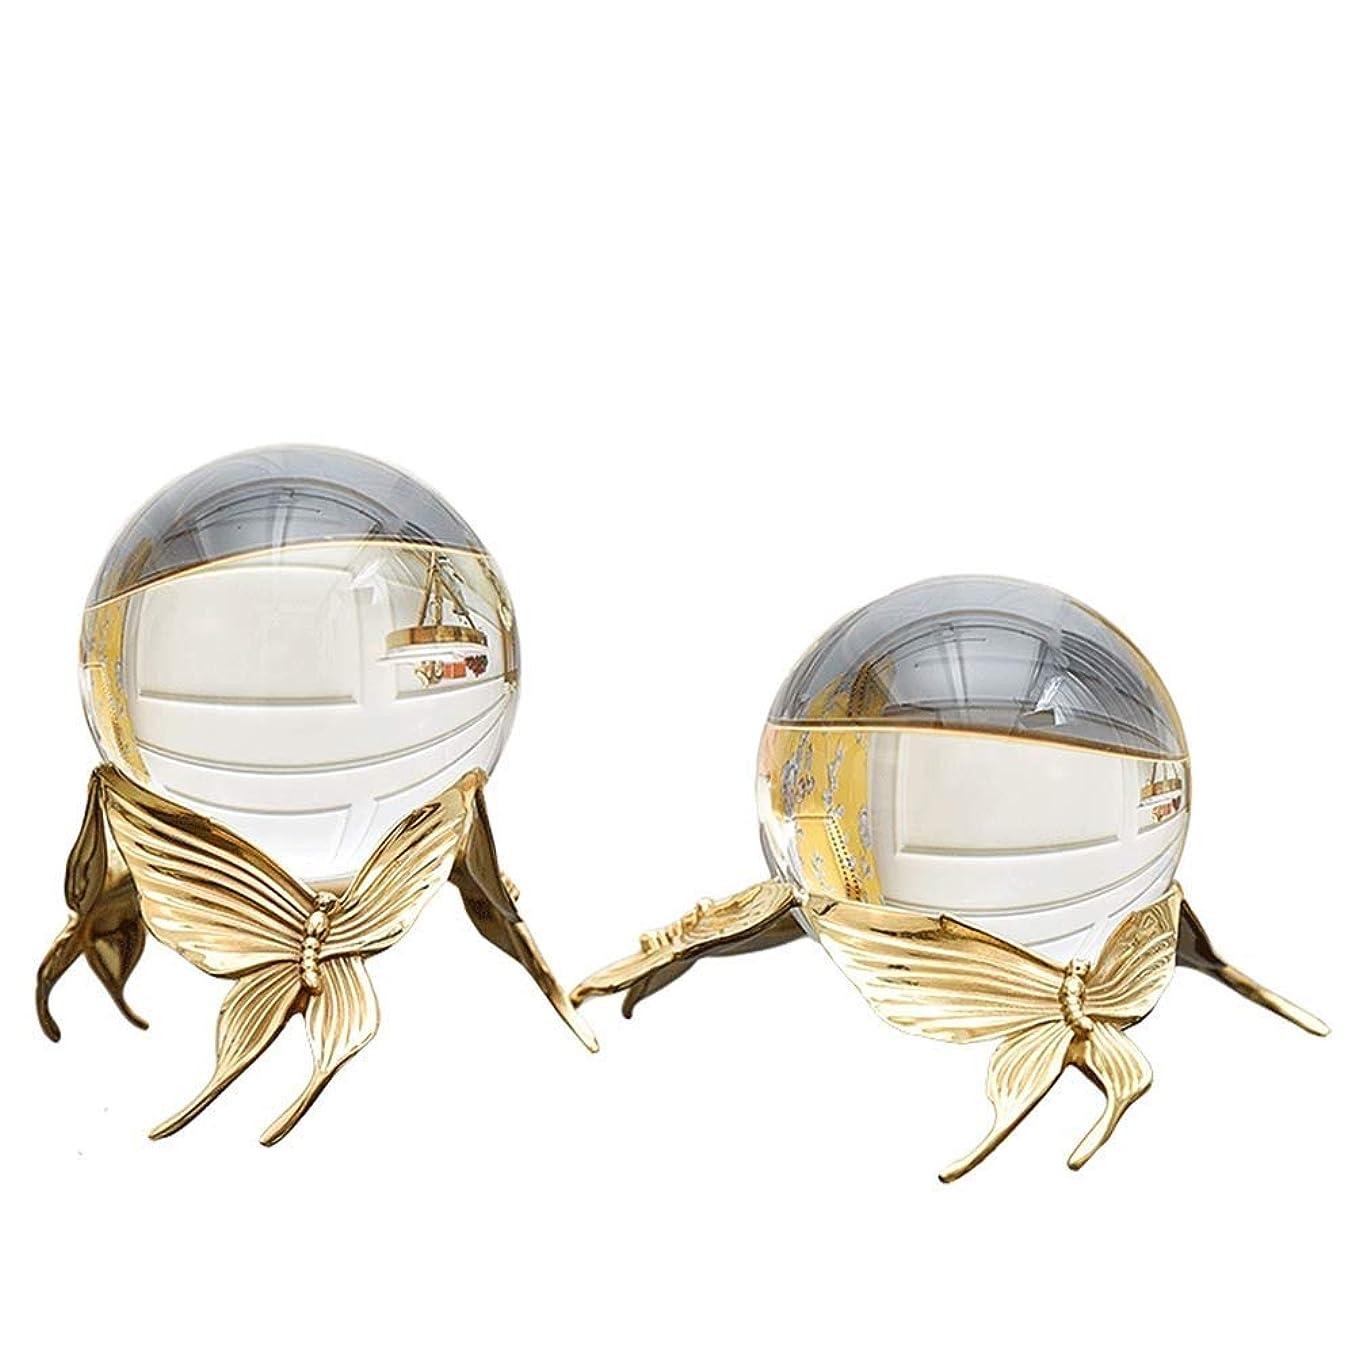 繁雑公然と絶え間ない2ピースクリスタルボールの装飾、蝶クリスタルボールの装飾ワインキャビネットの装飾パーフェクトオフィスデスクトップヨーロッパ